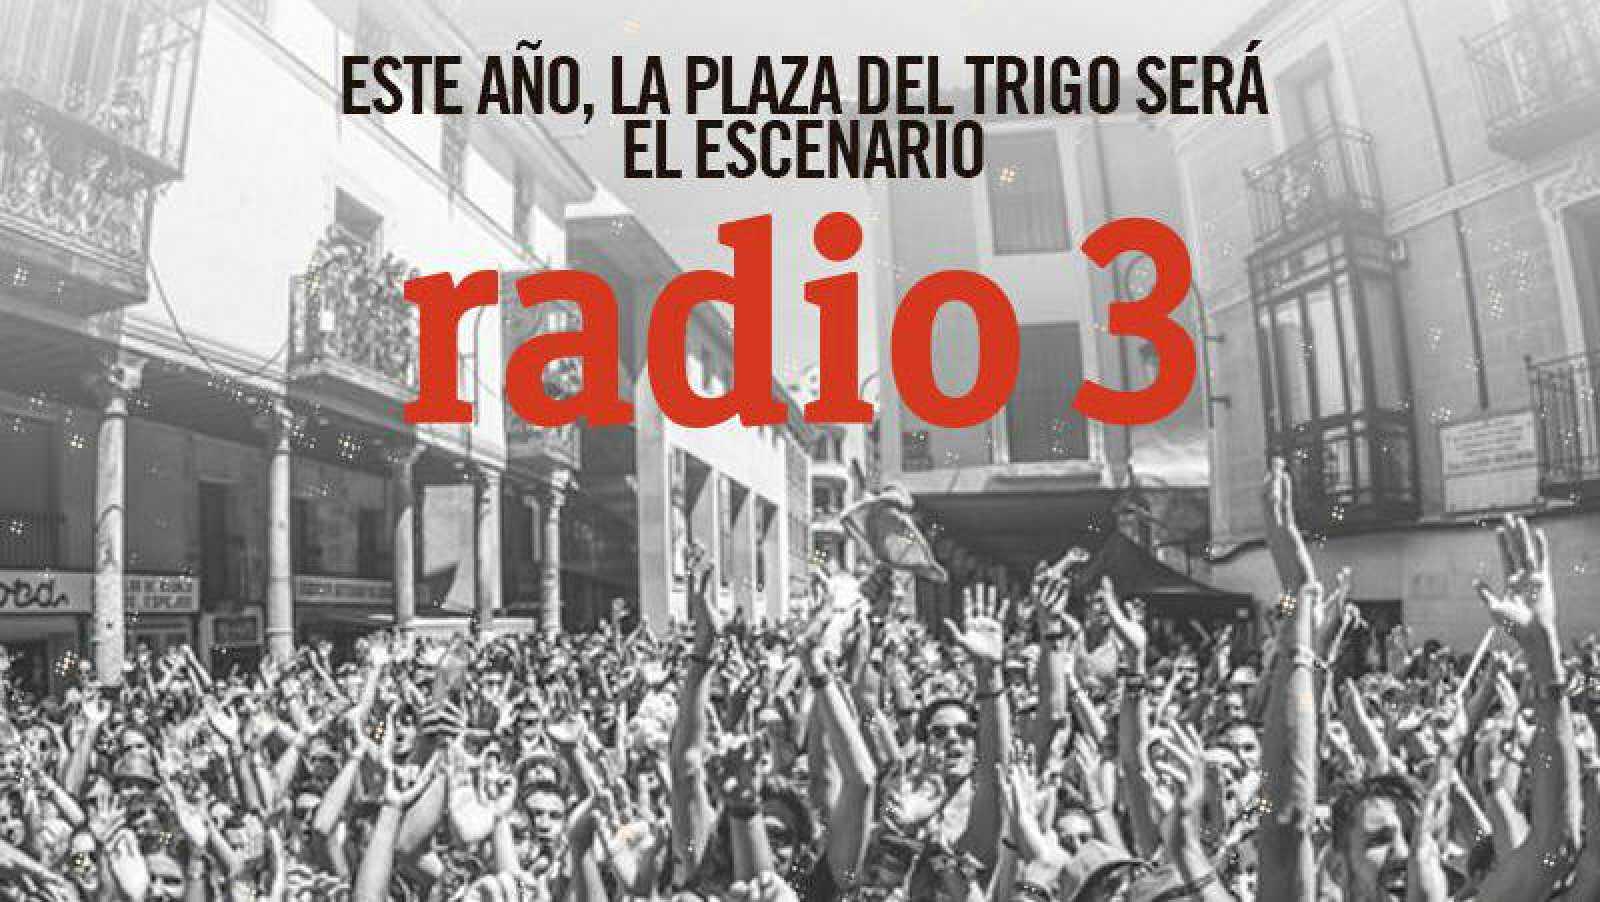 Este año la Plaza del Trigo del Sonorama será el Escenario Radio 3